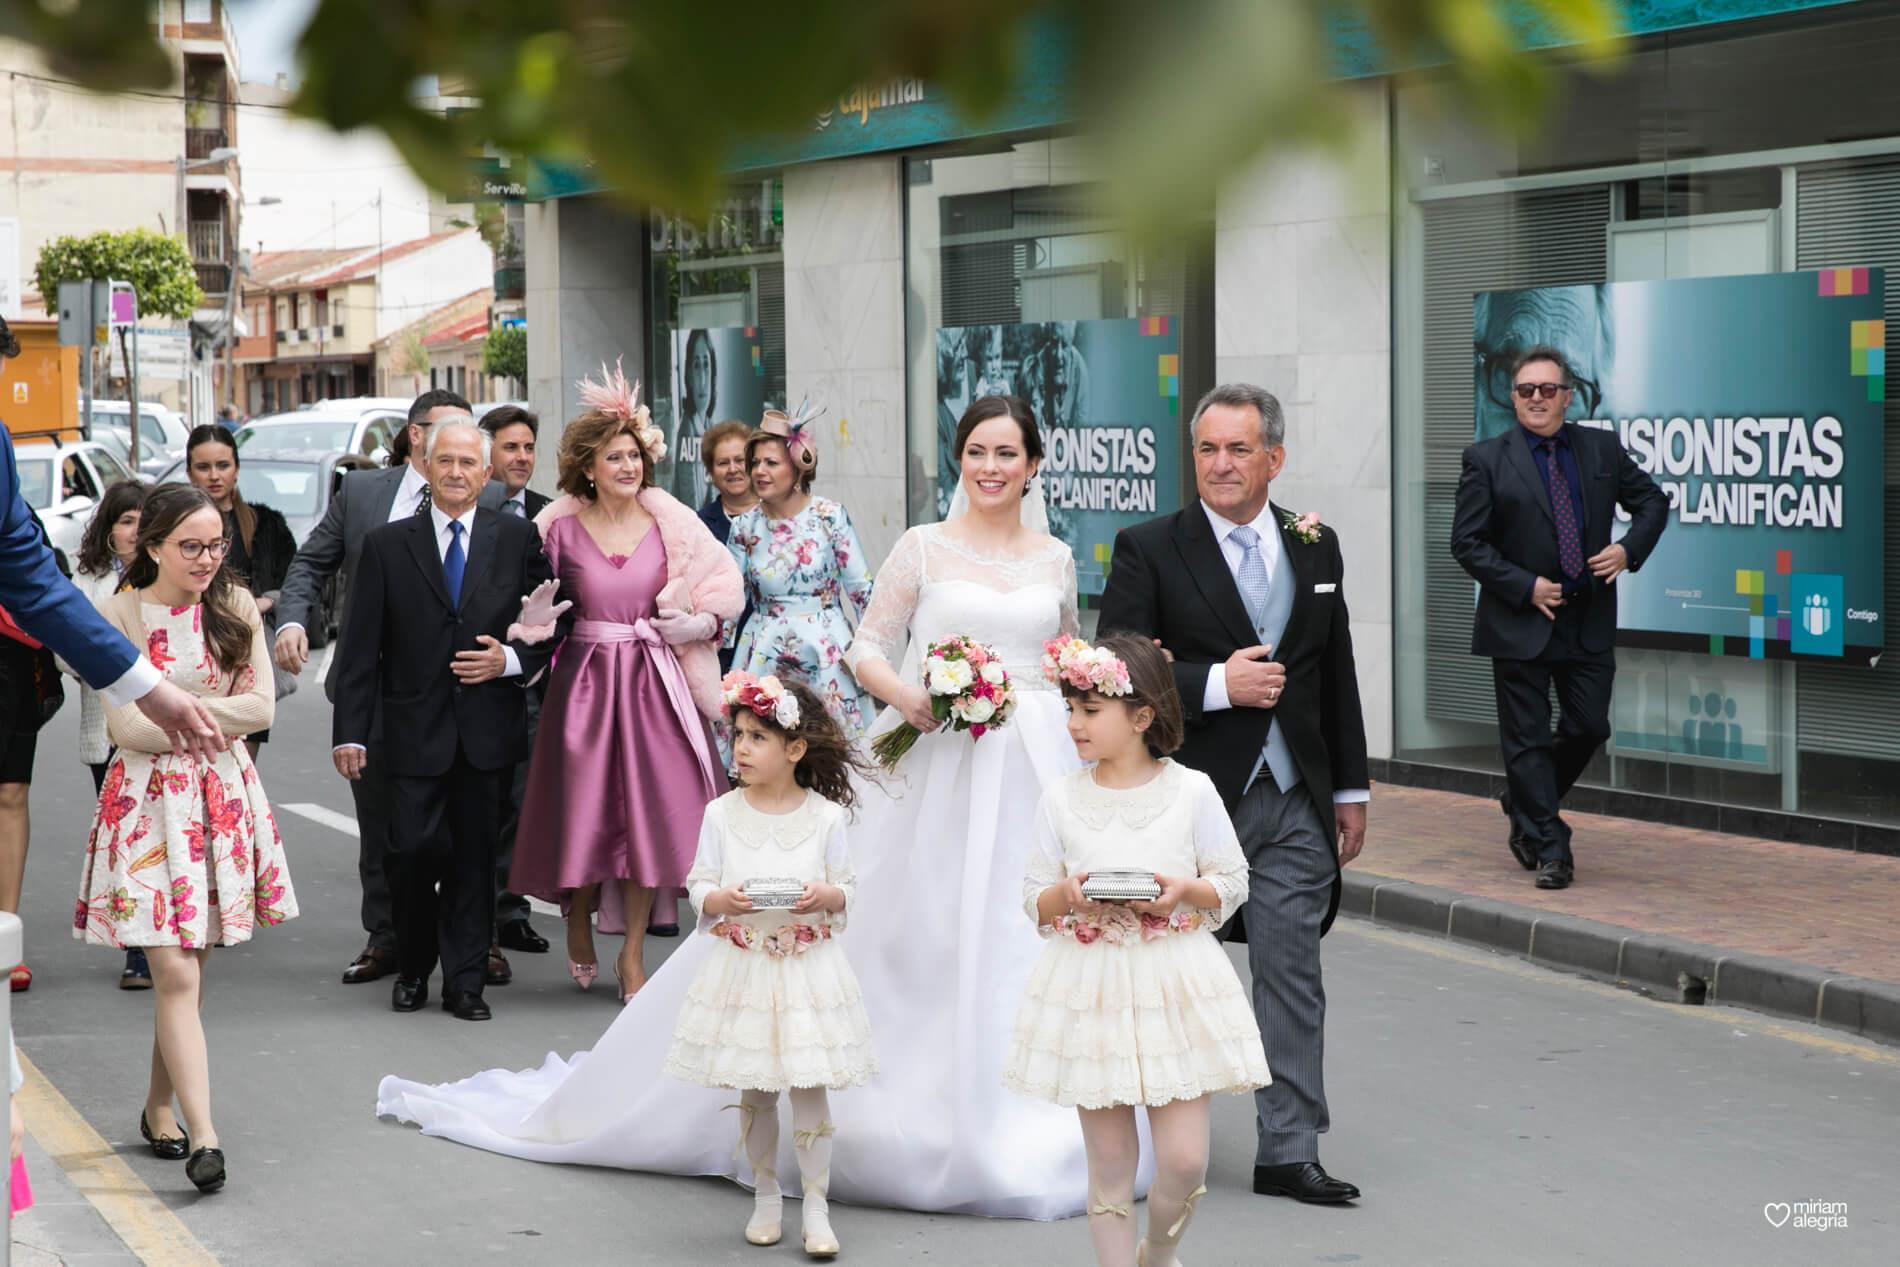 boda-en-el-rincon-huertano-miriam-alegria-fotografos-boda-murcia-39